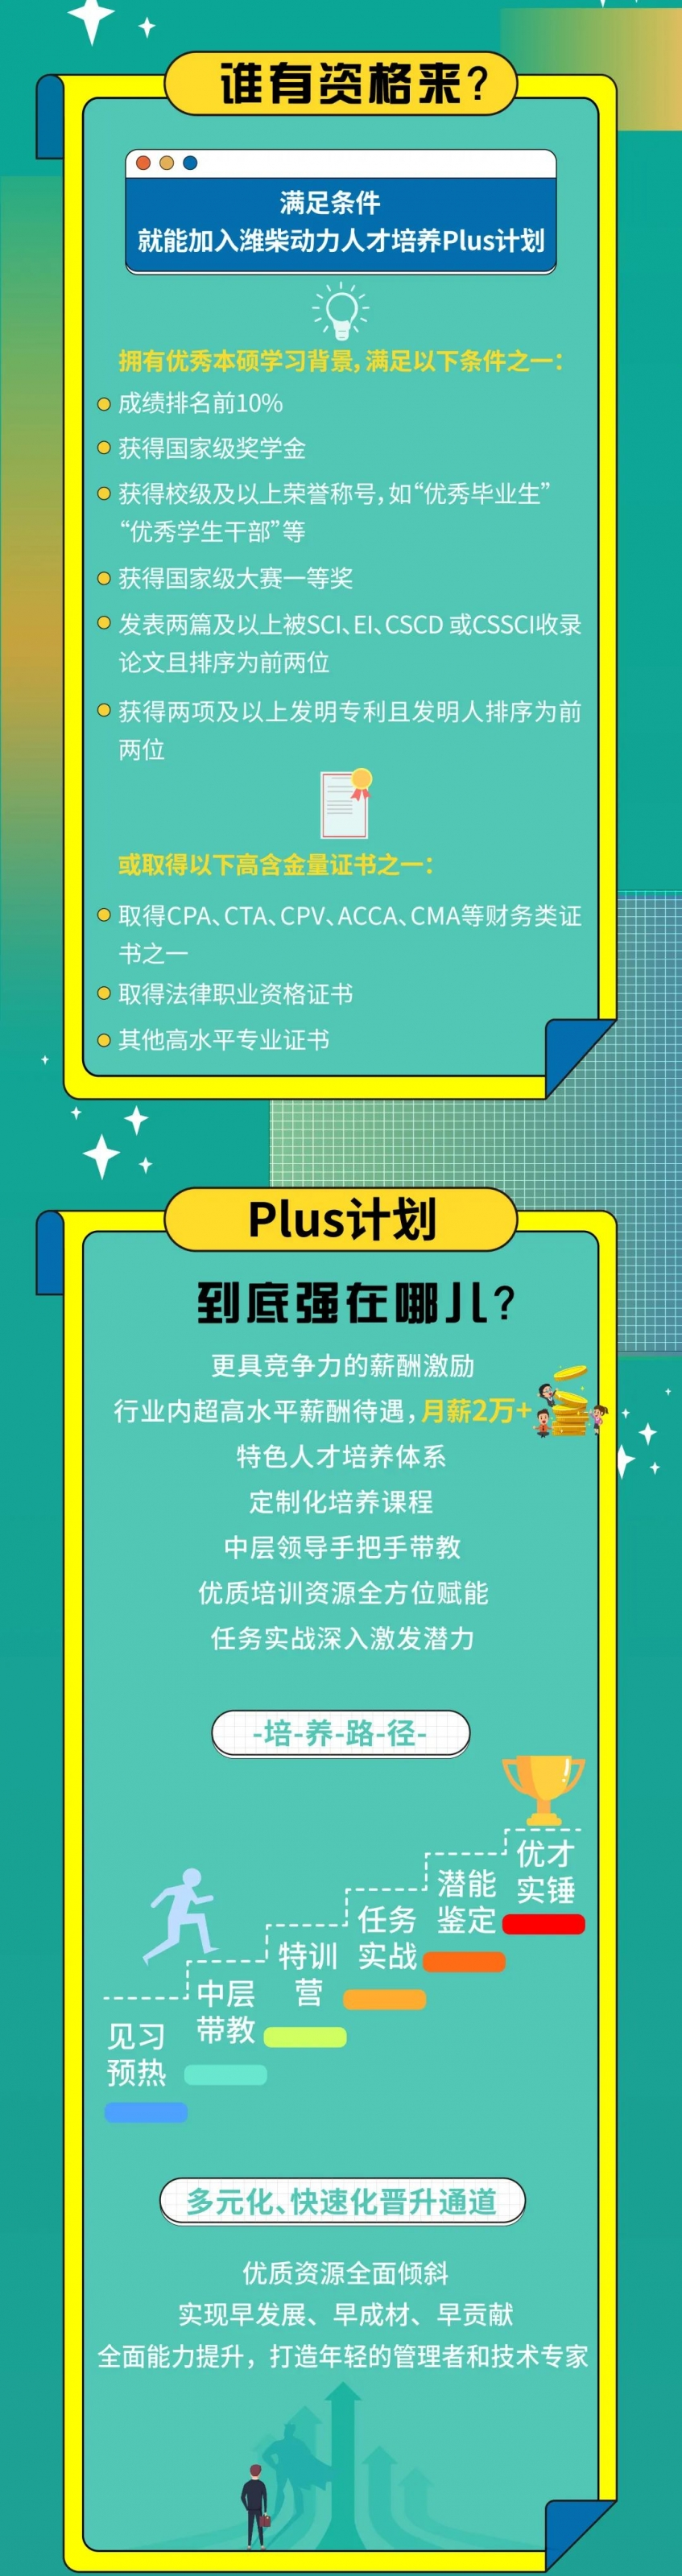 高德包装机械产品资讯Plus计划强势登场丨潍柴动力2022年校园招聘又放大招!